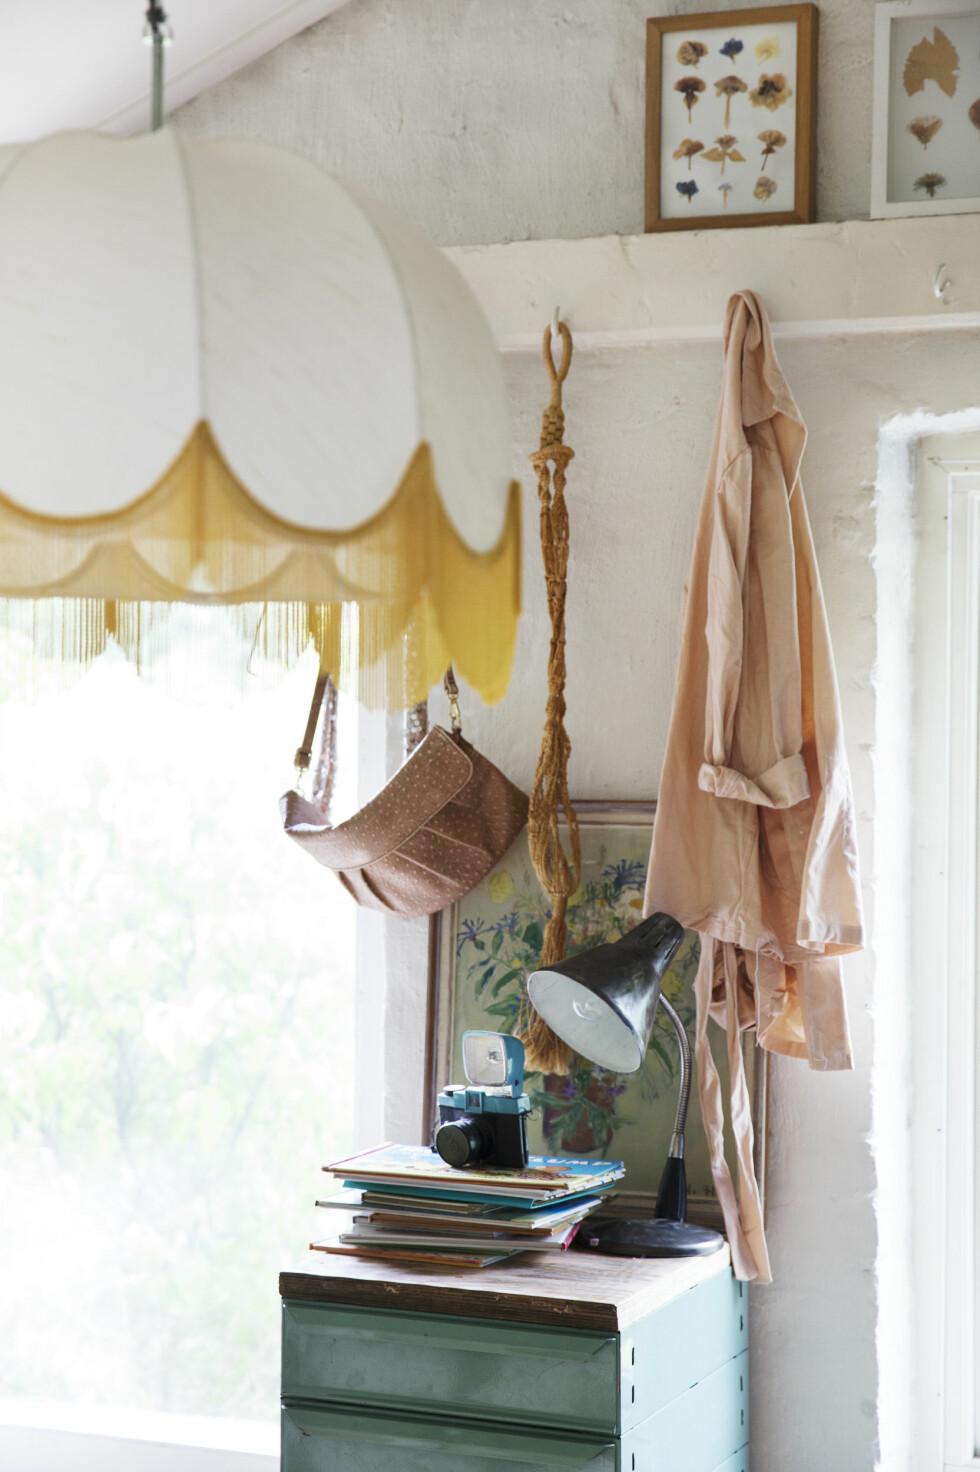 HVERDAGSLUKSUS: I taket på soverommet henger en silkeskjerm fra en gammel gulvlampe. — Jeg liker at skjermen er av silke. Eksklusive materialer gir en følelse av hverdagsluksus. Den er et eksempel på at luksus ikke trenger å være dyrt, mener Nina. Foto: Yvonne Wilhelmsen